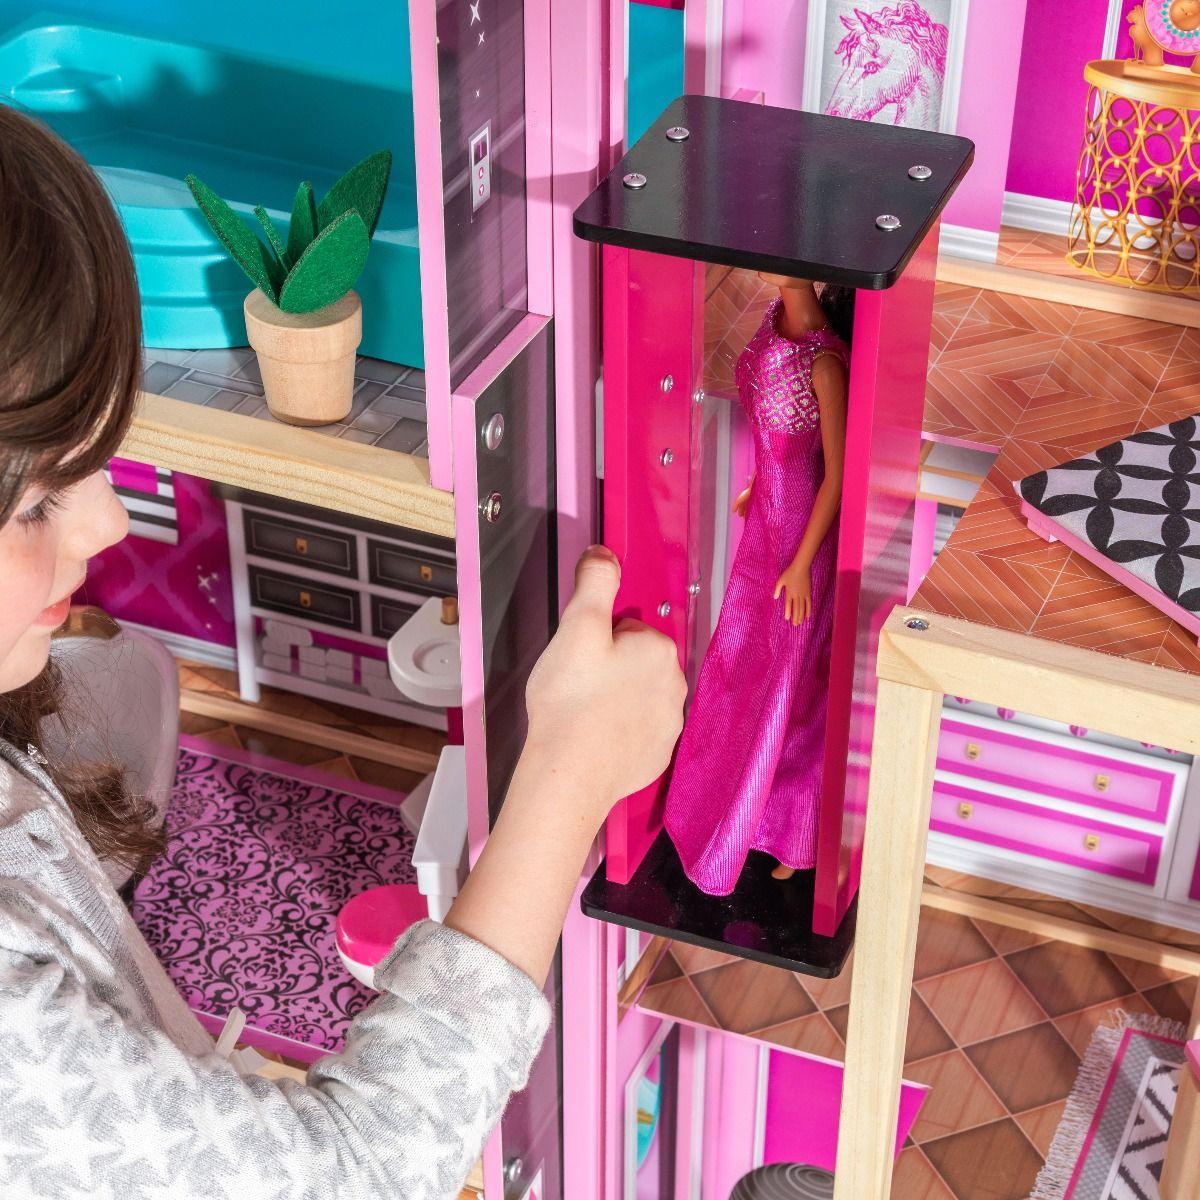 Kidkraft дървена къща за кукли- Самър- детски играчки за момичета(4)Kidkraft дървена къща за кукли- Самър- детски играчки за момичета(6)-bellamiestore